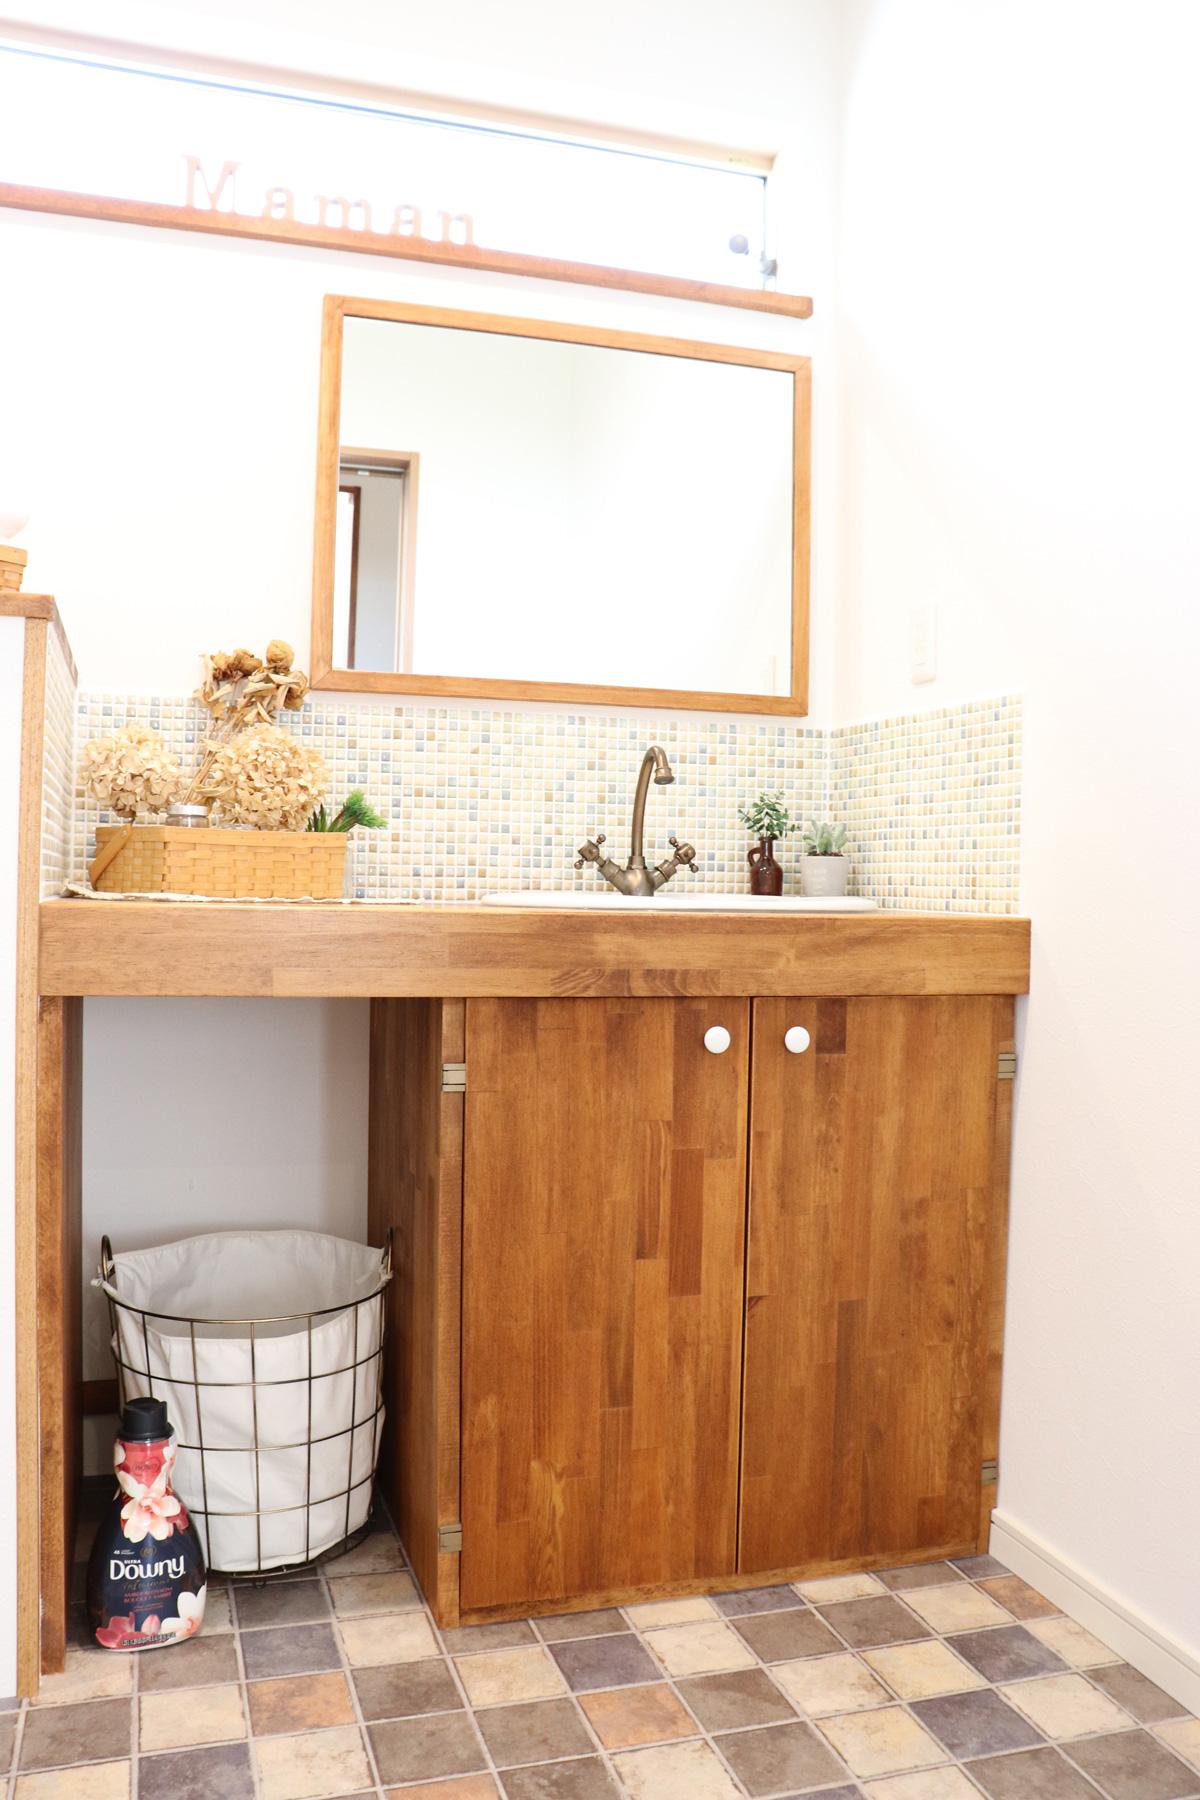 モザイクタイルをあしらったMamanらしい雰囲気のナチュラルな洗面スペース